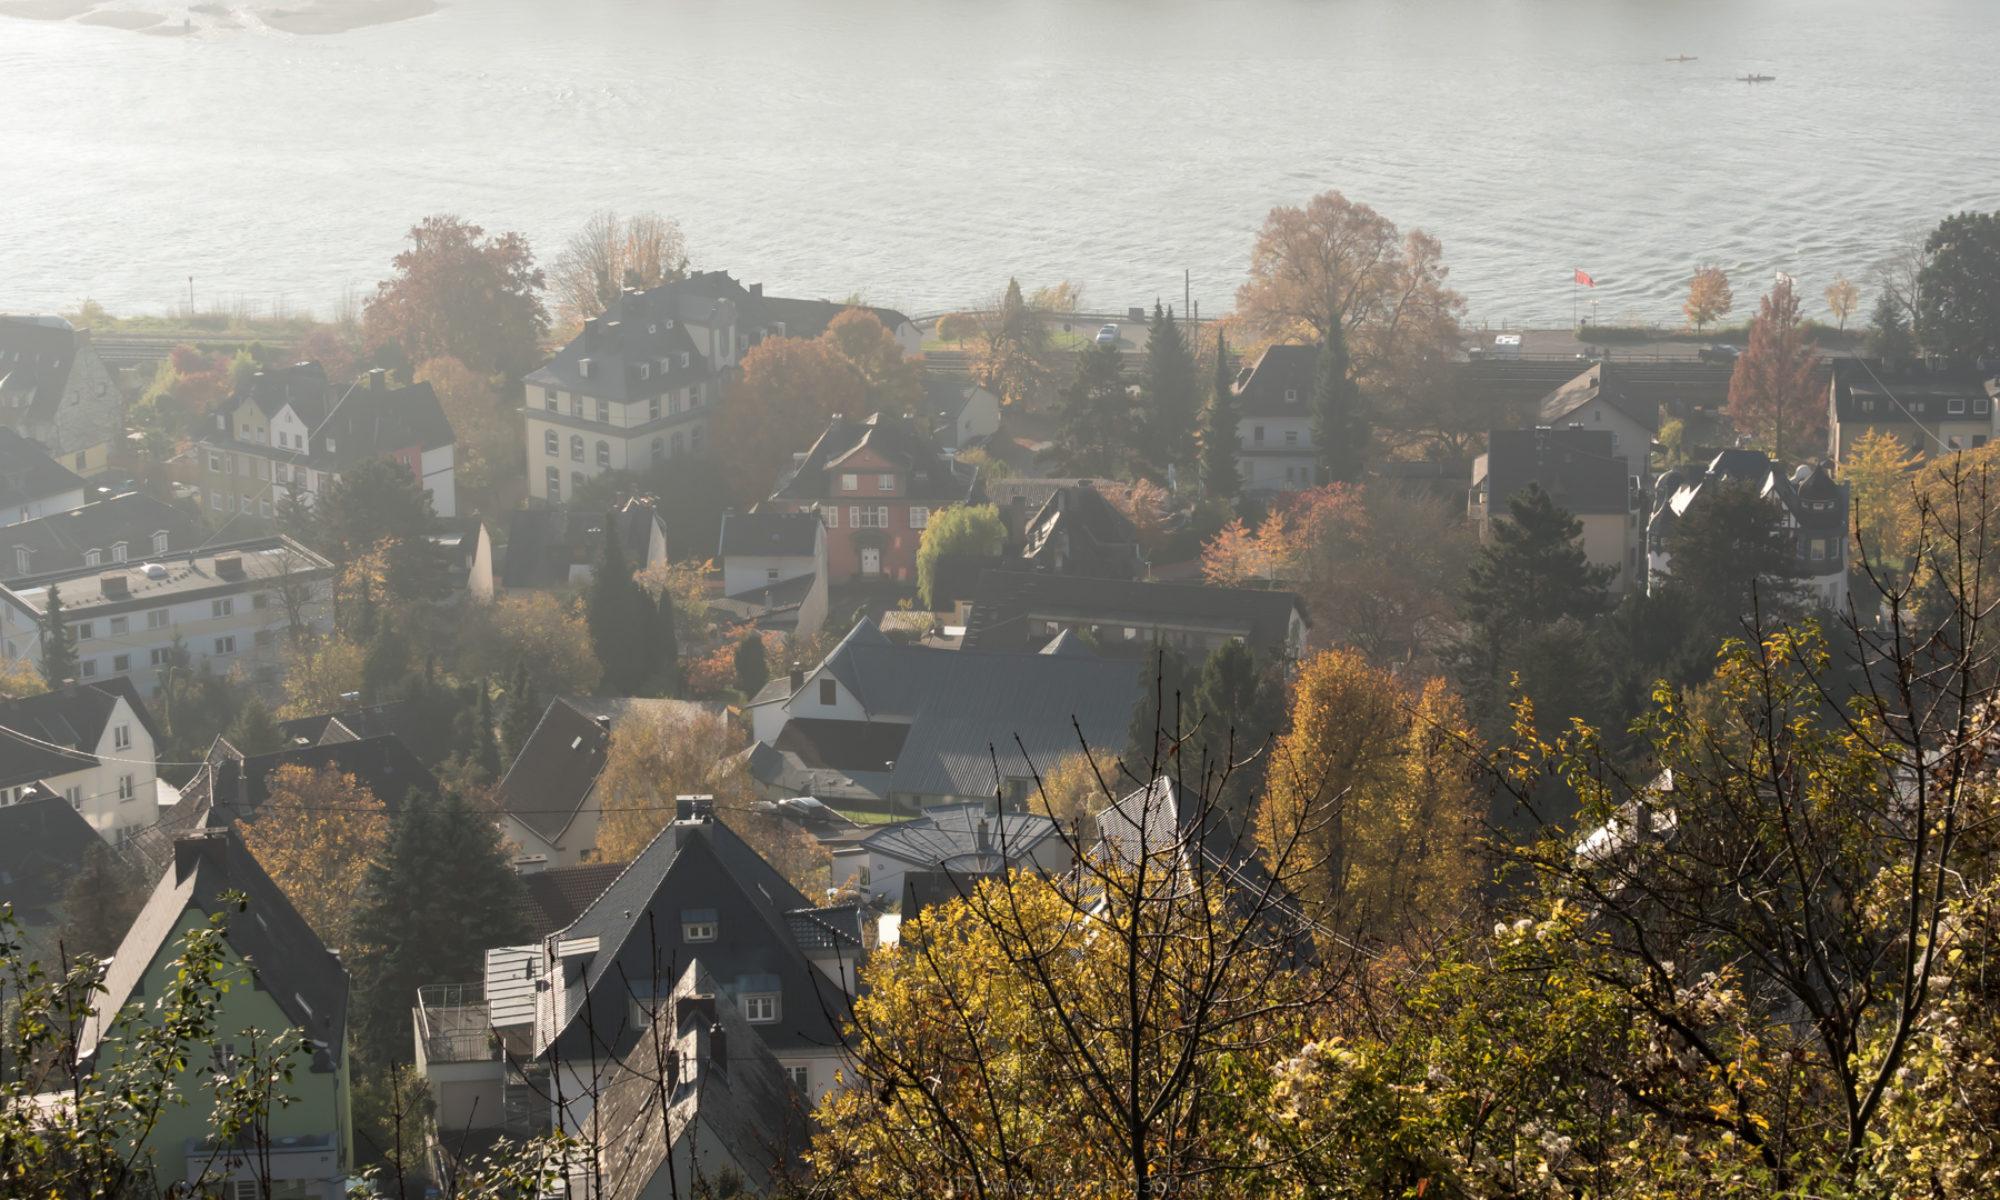 Rheinland360